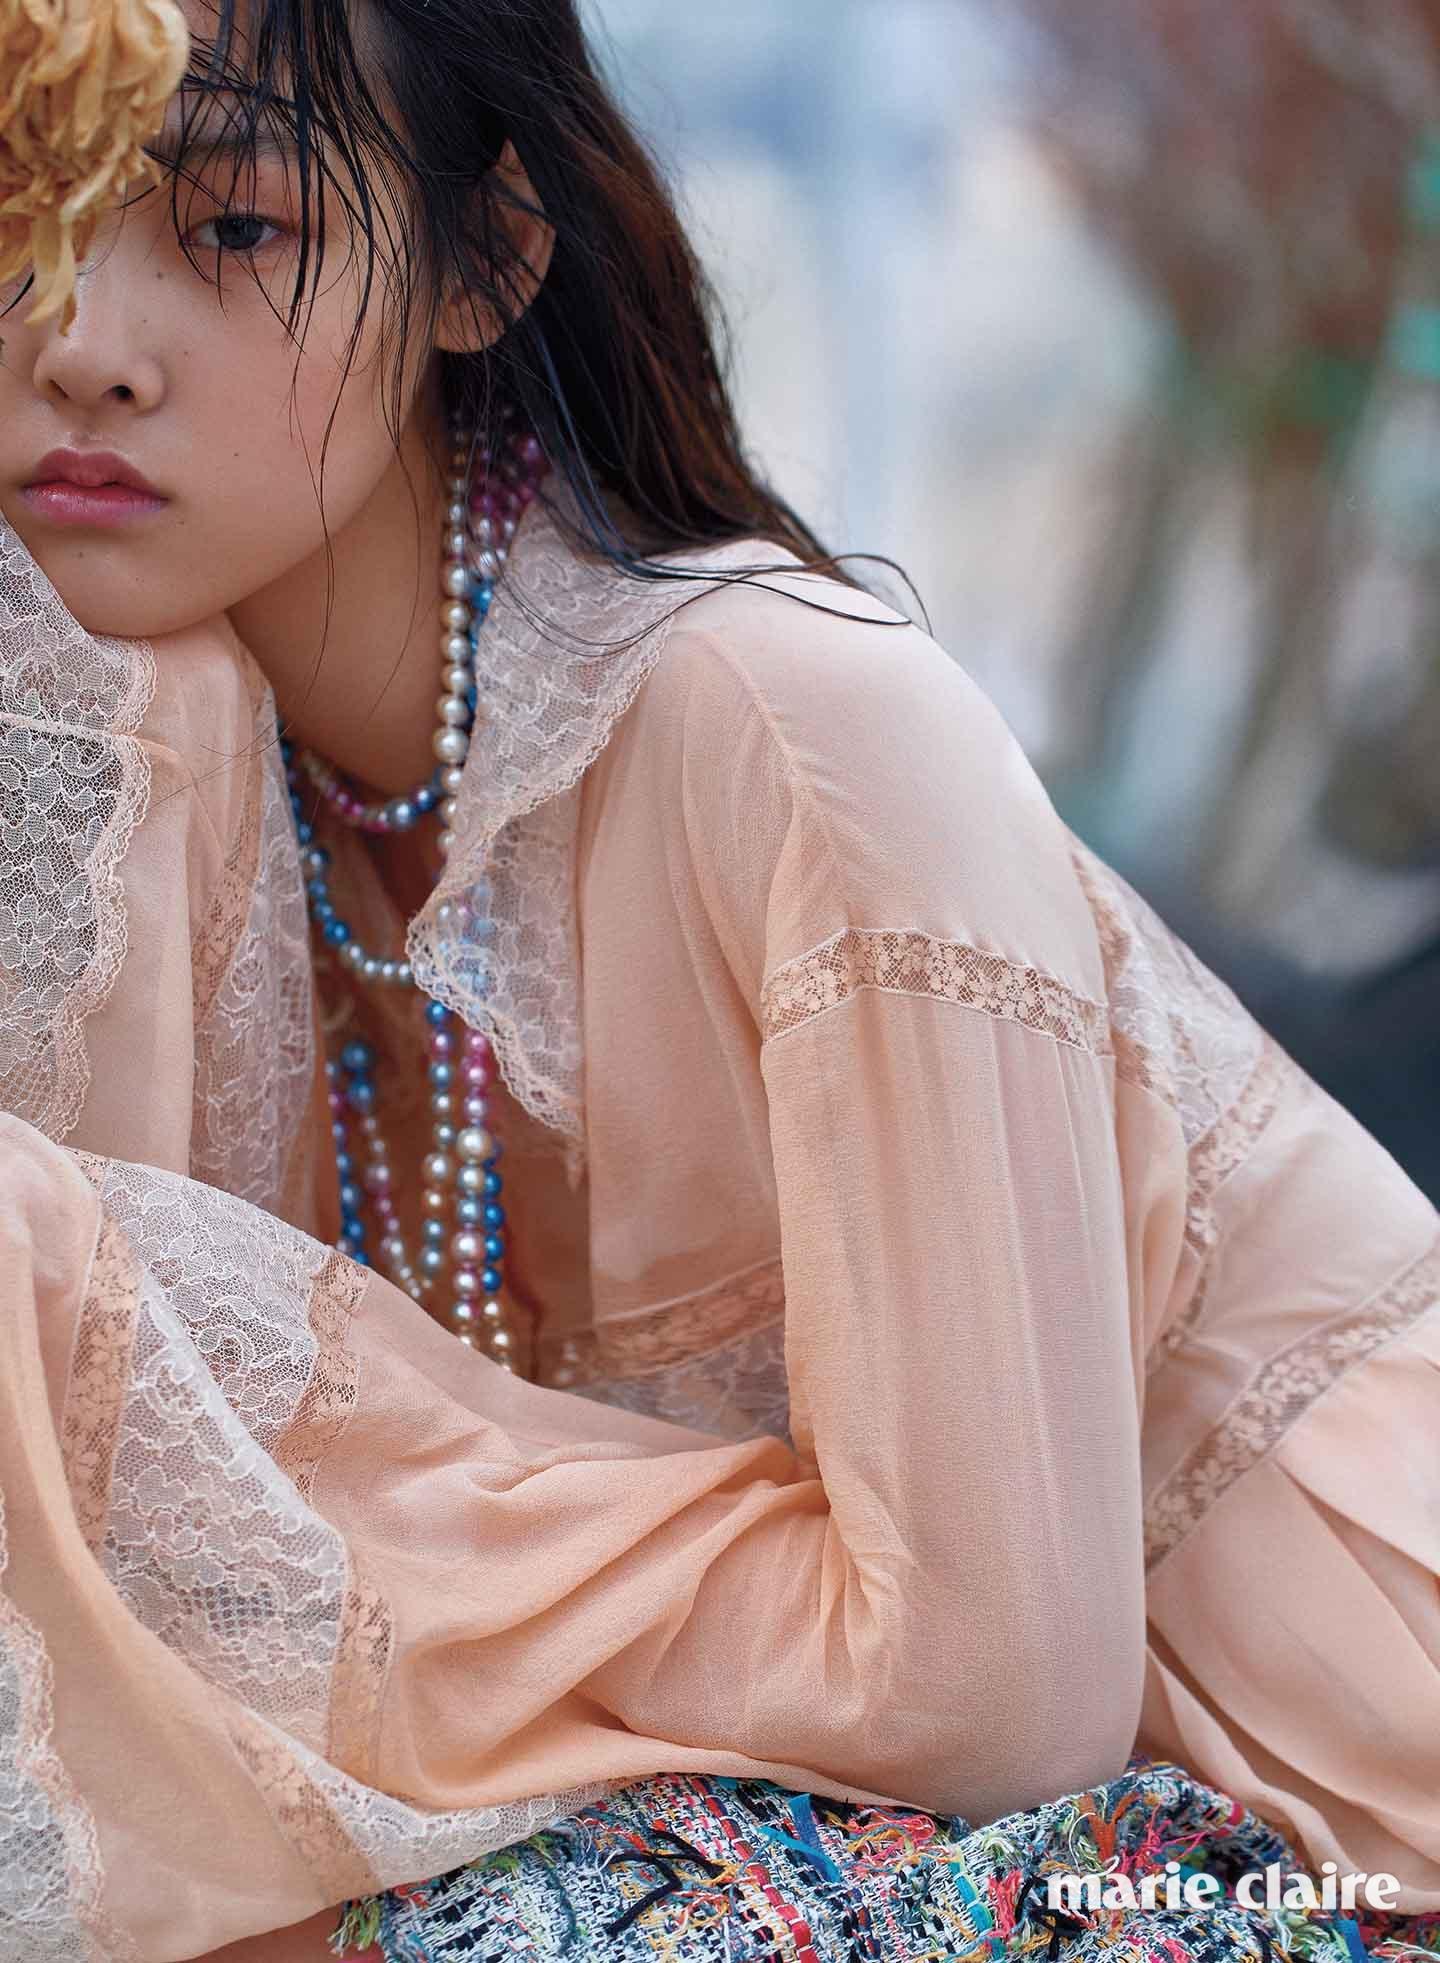 레이스 디테일의 살구색 시폰 블라우스, 컬러 진주 네크리스, 트위드 스커트 모두 샤넬(Chanel)